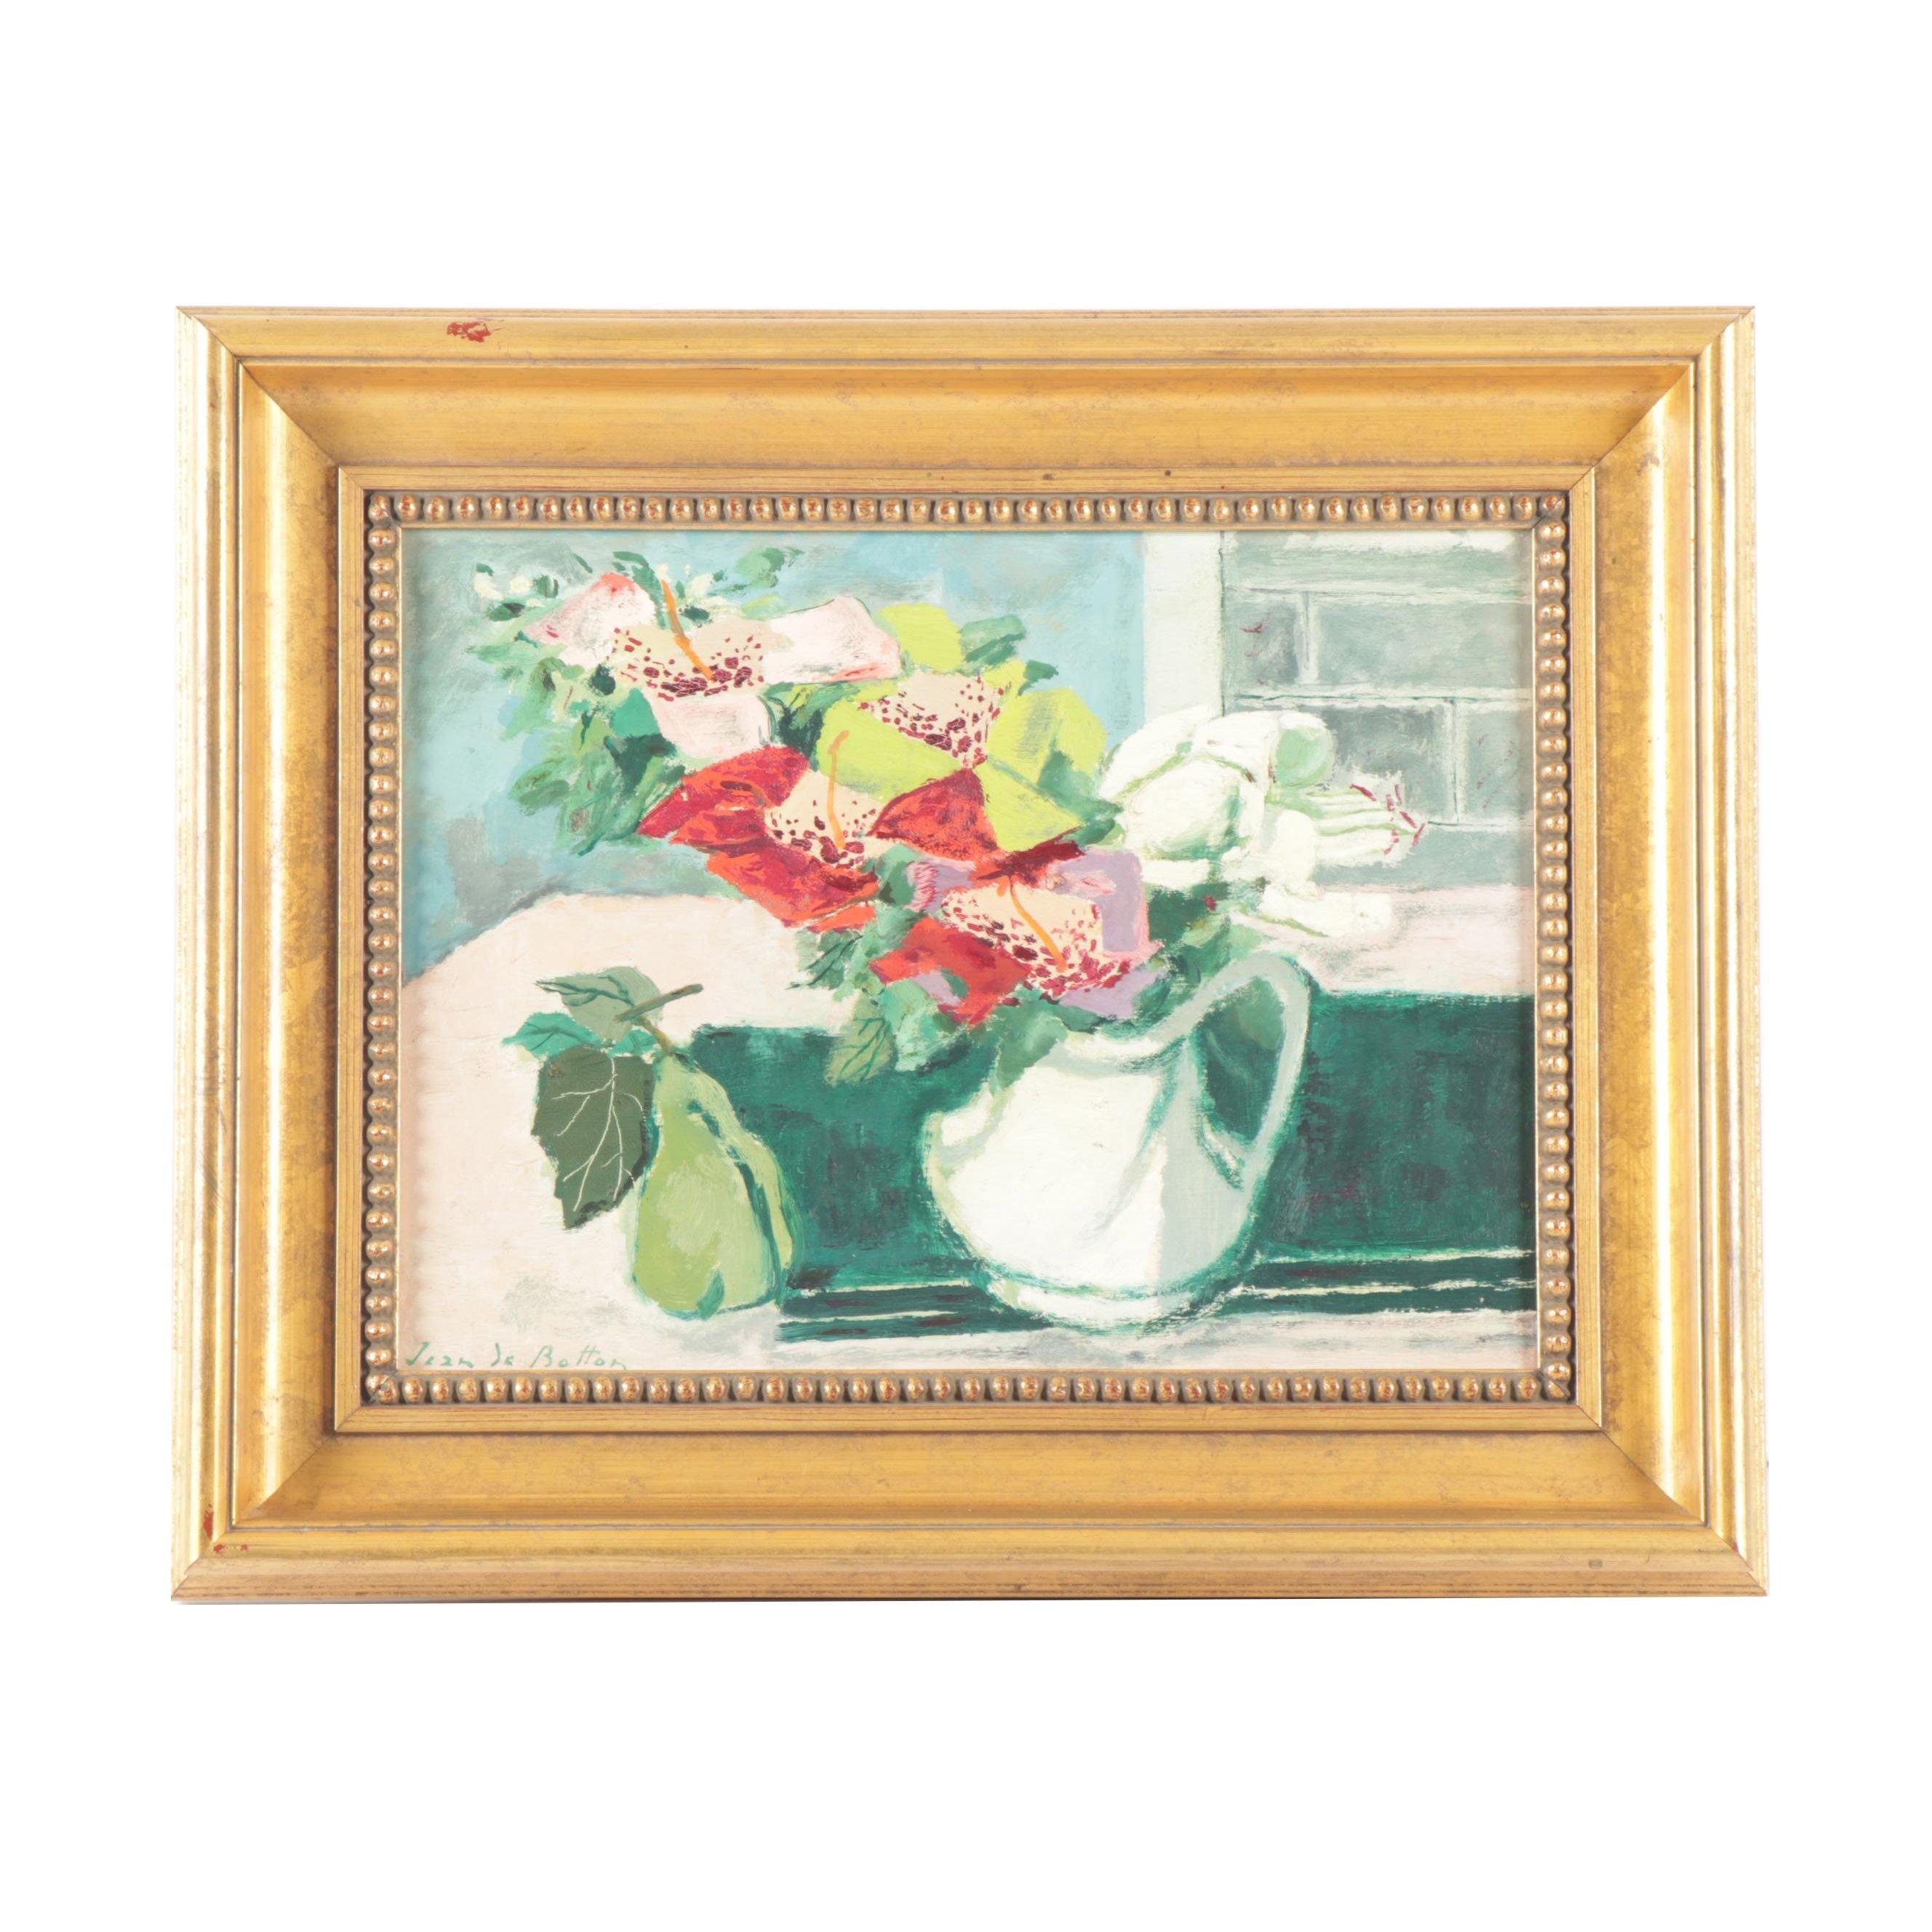 Jean de Botton Floral Still Life Oil Painting